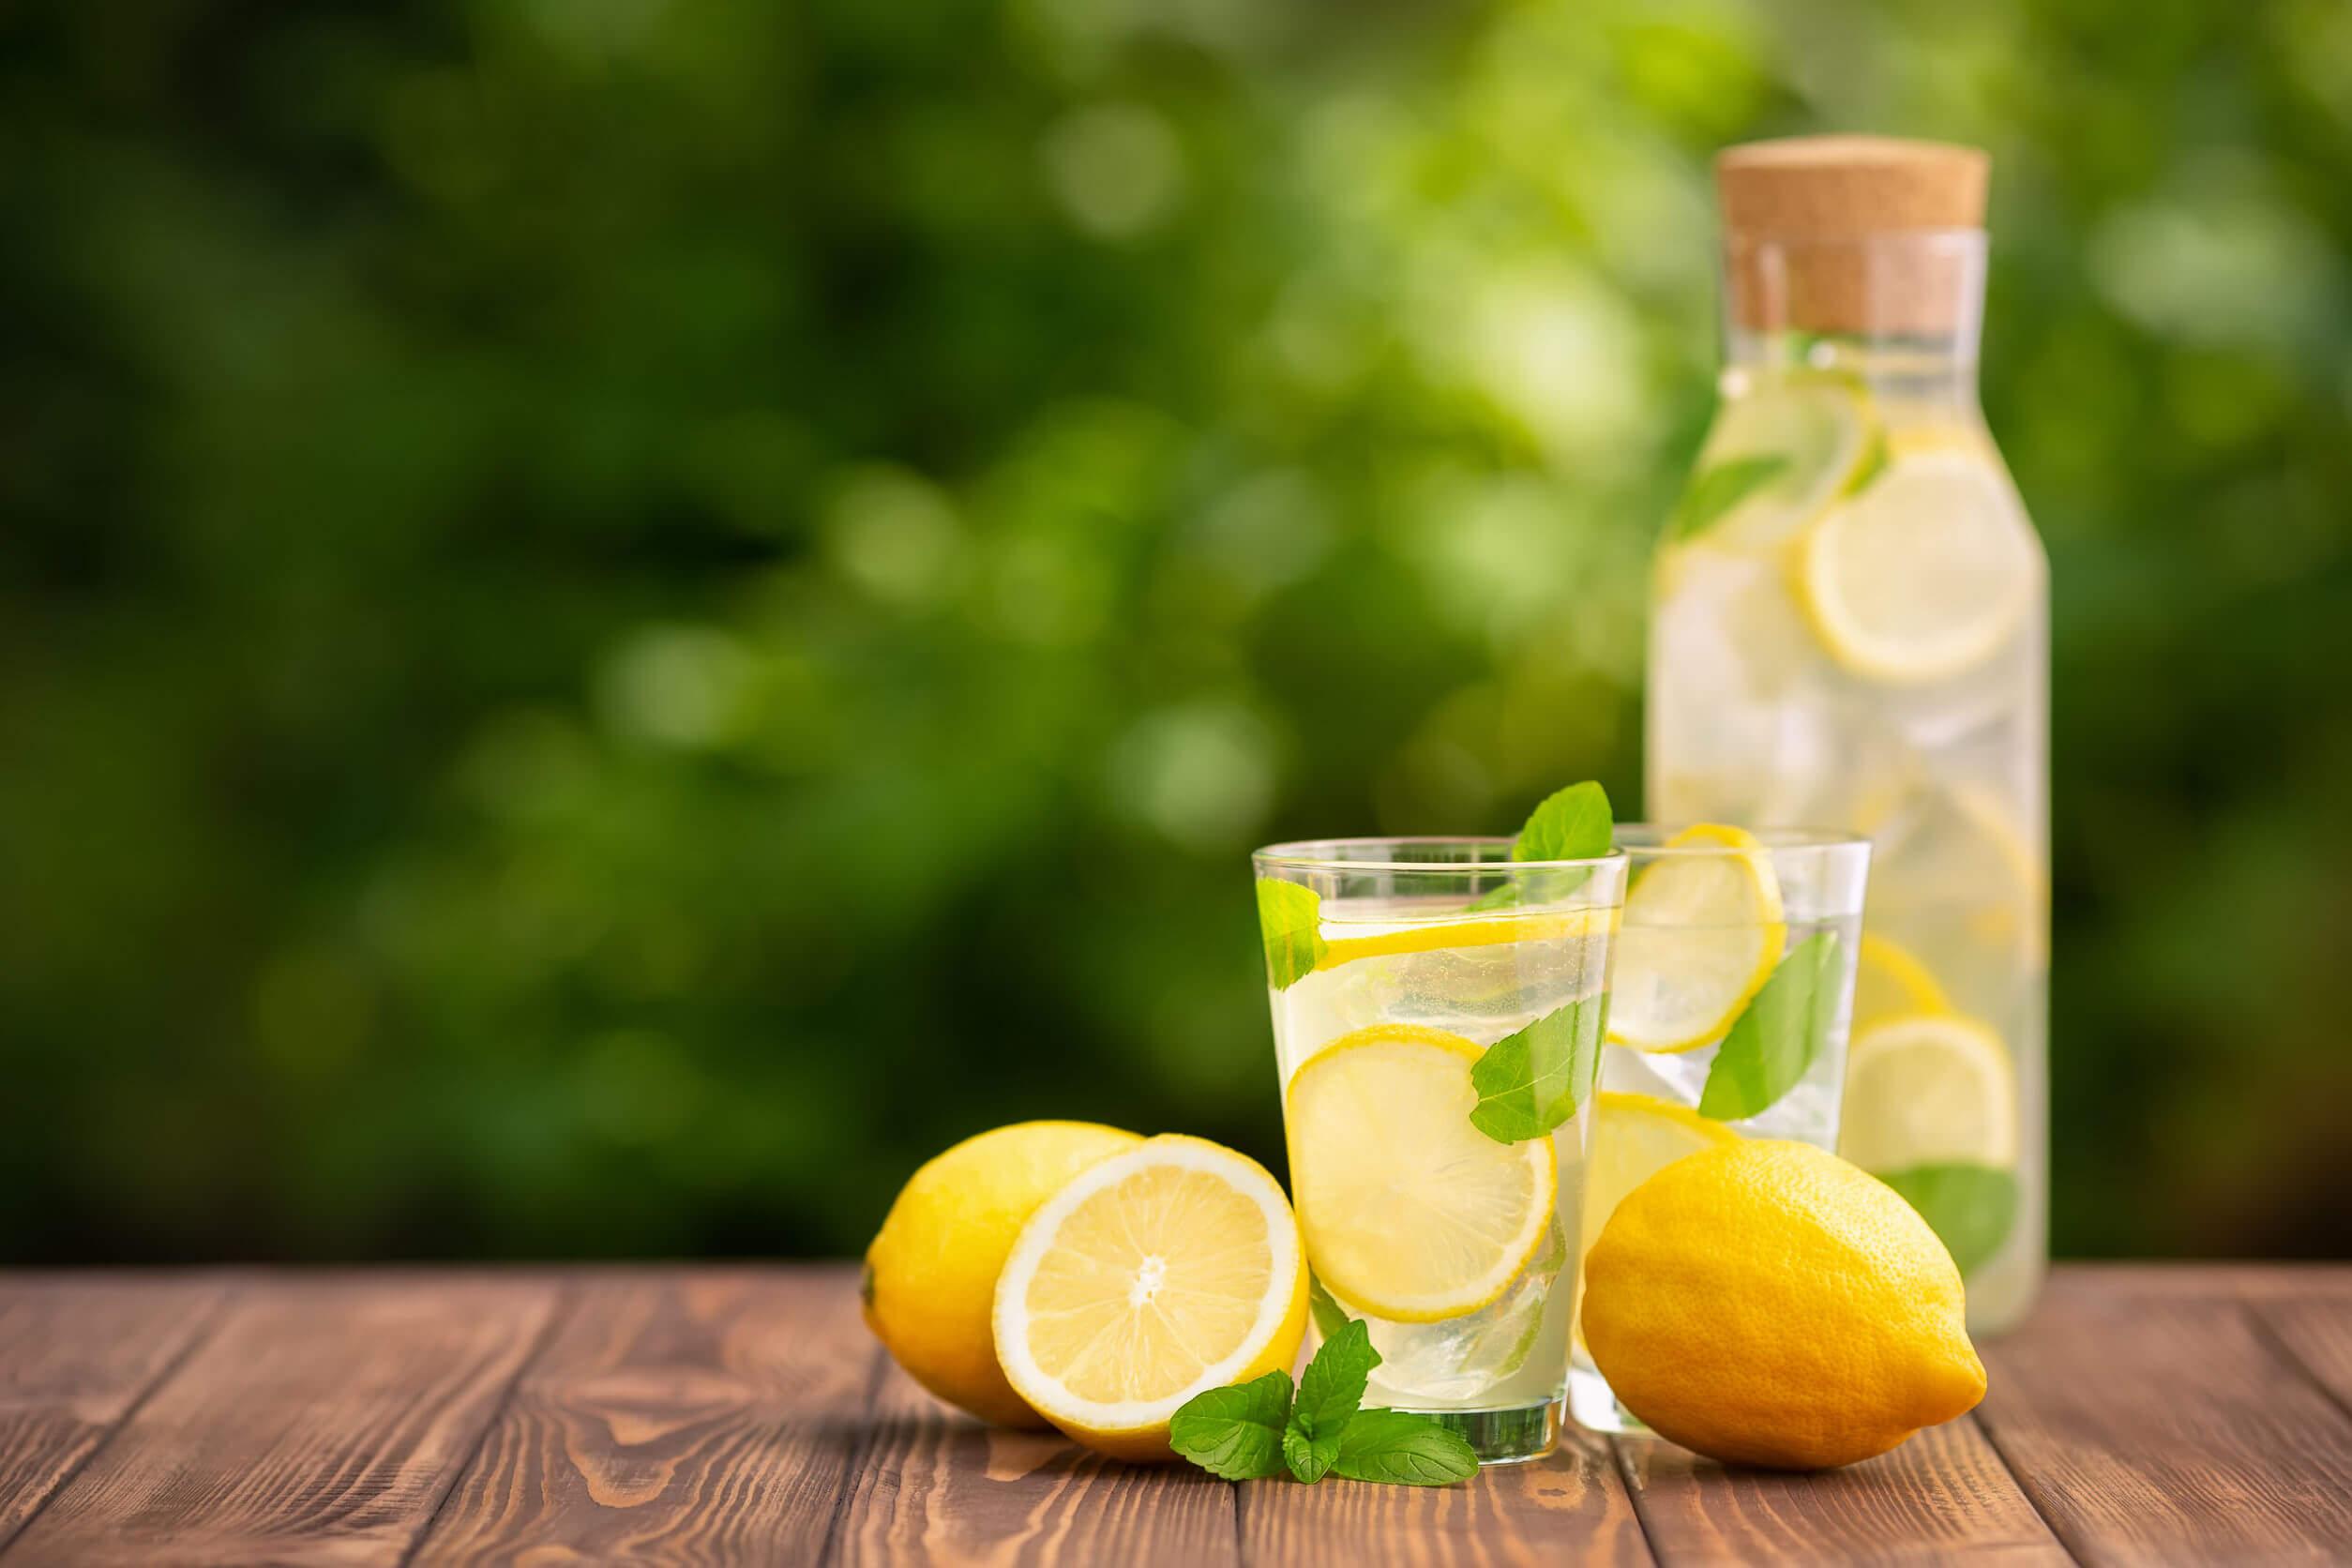 El limón suele usarse contra las verrugas plantares.